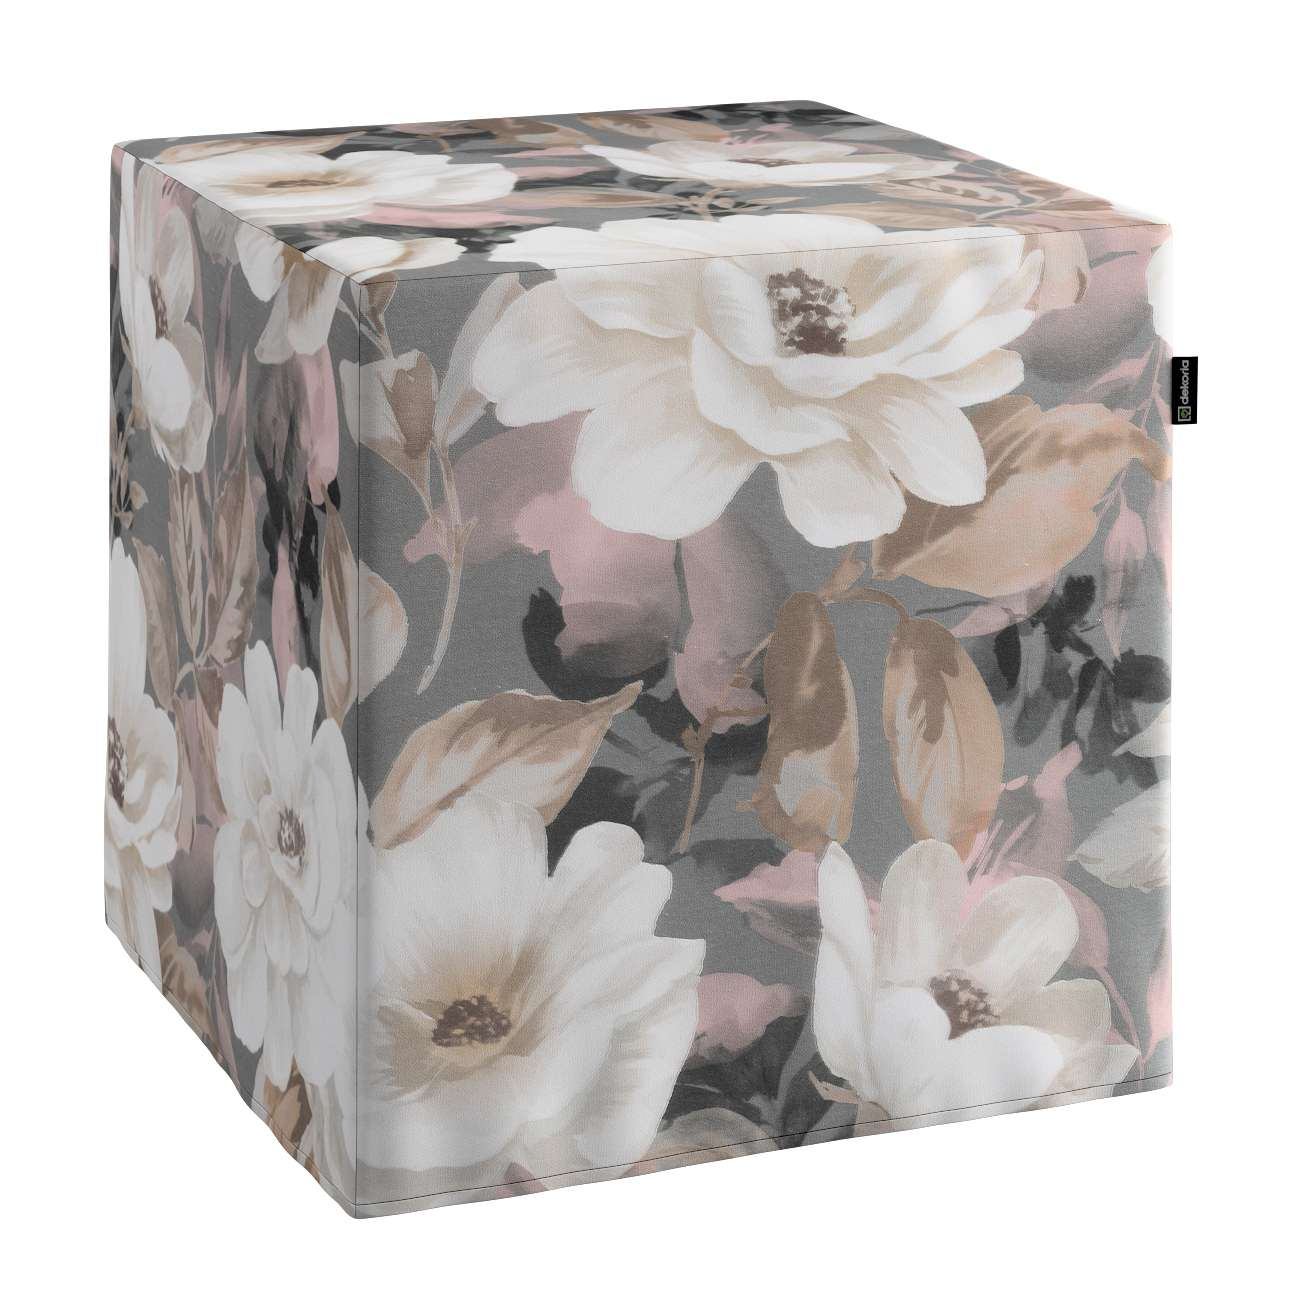 Taburetka tvrdá, kocka V kolekcii Gardenia, tkanina: 142-13